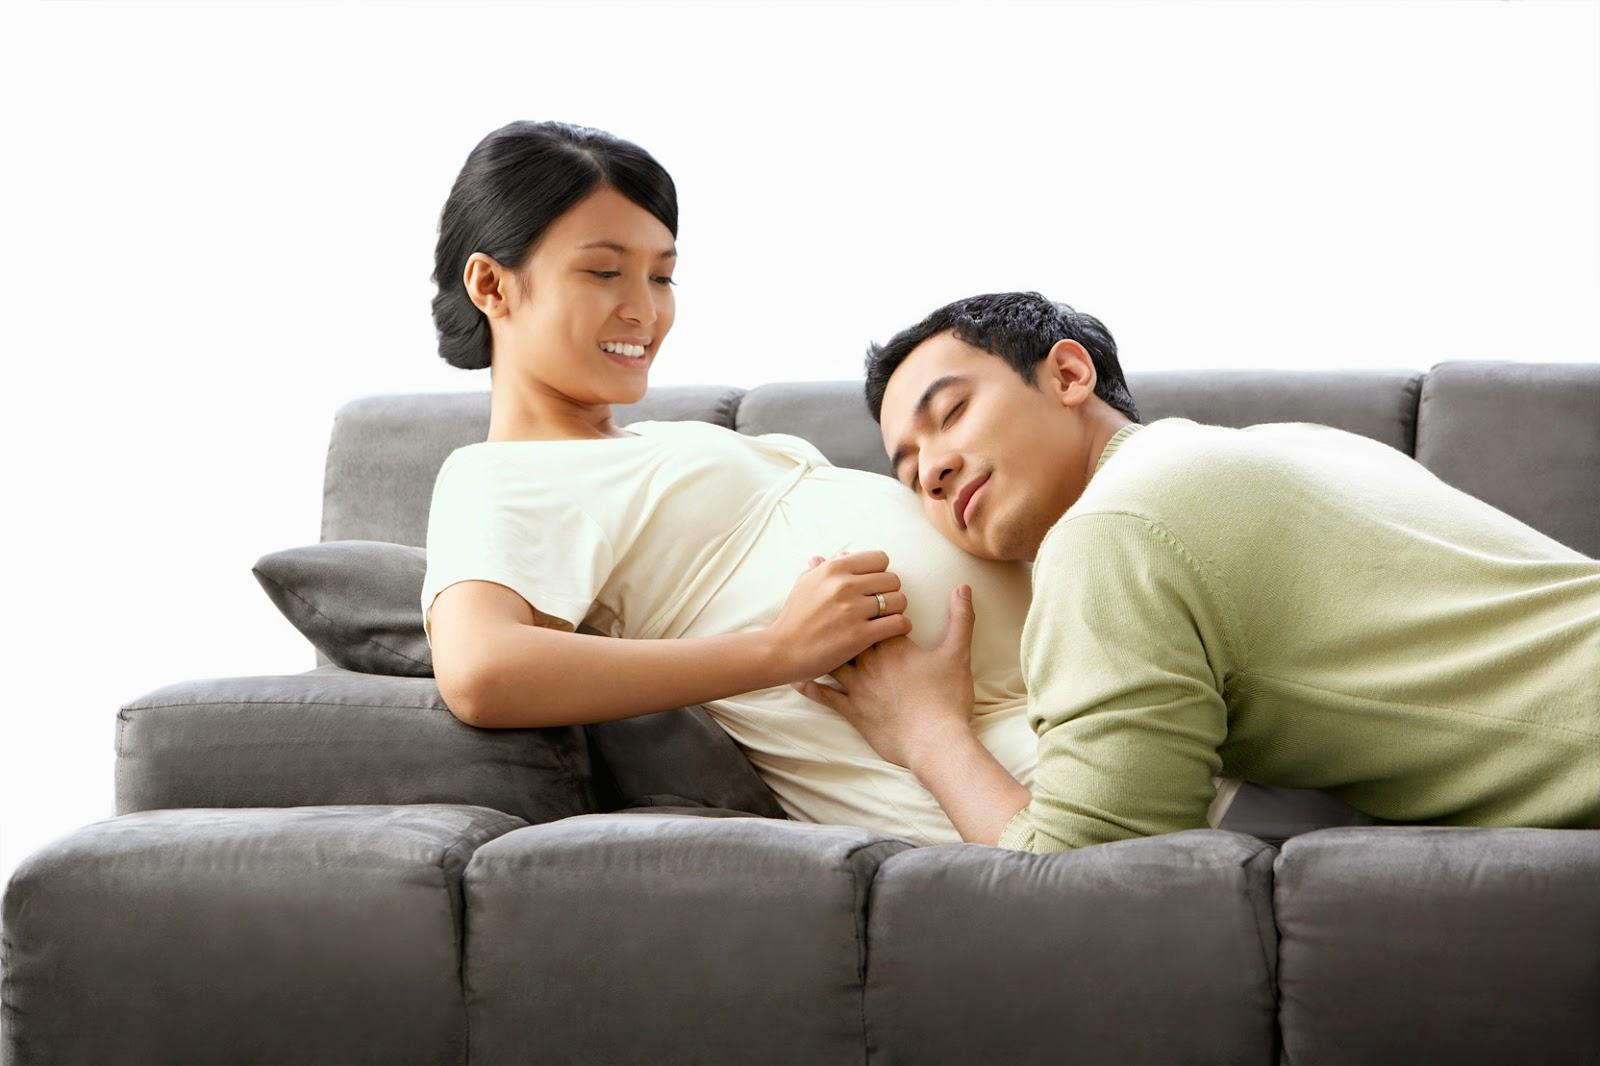 cara istri cepat hamil